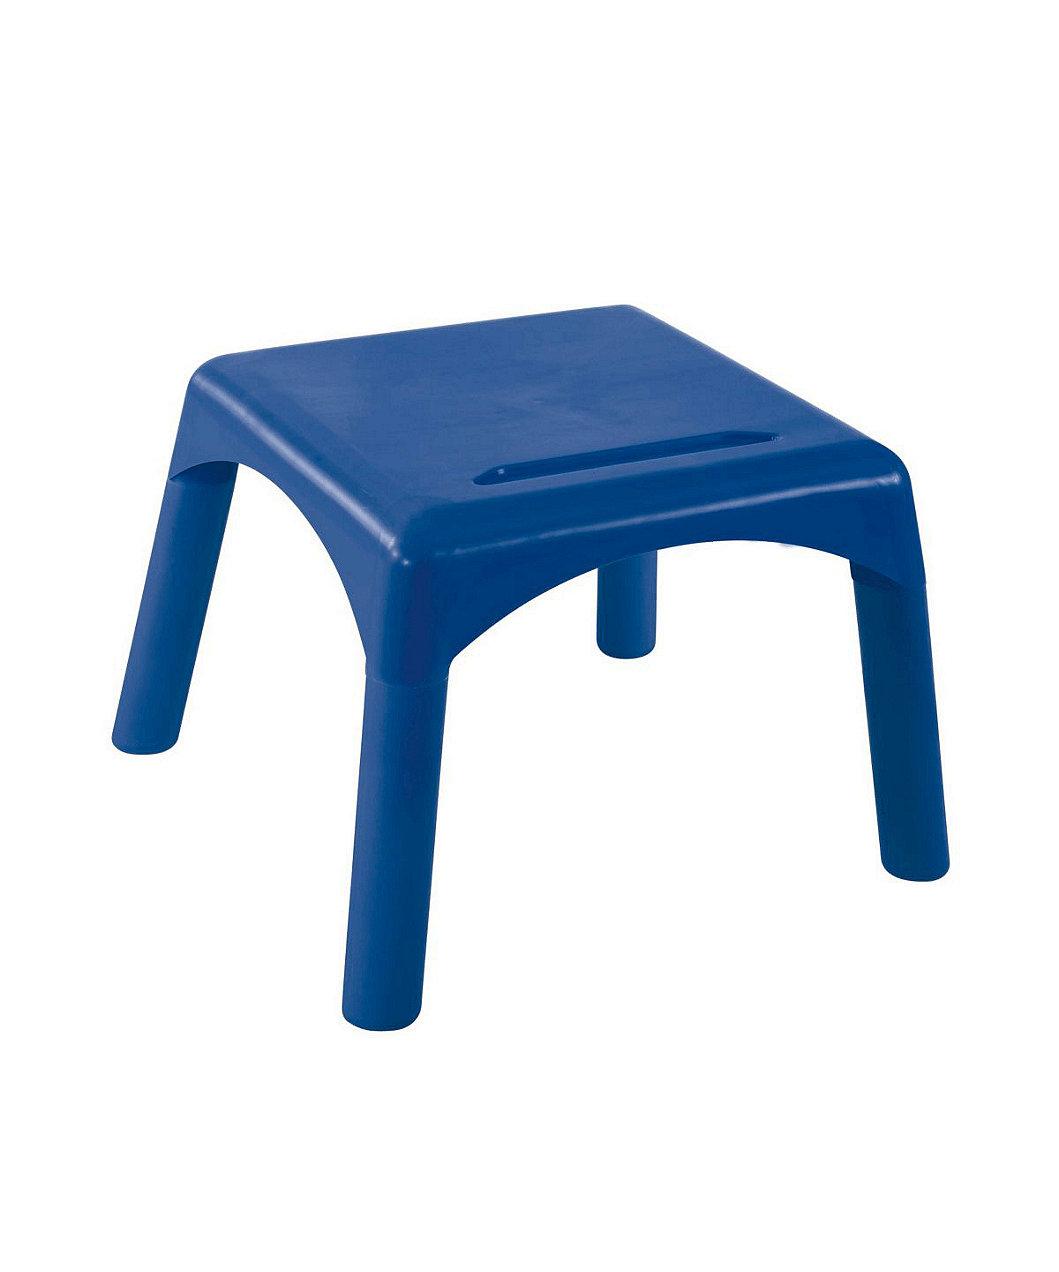 Пластиковий столик - синій 865aa8c86ea23